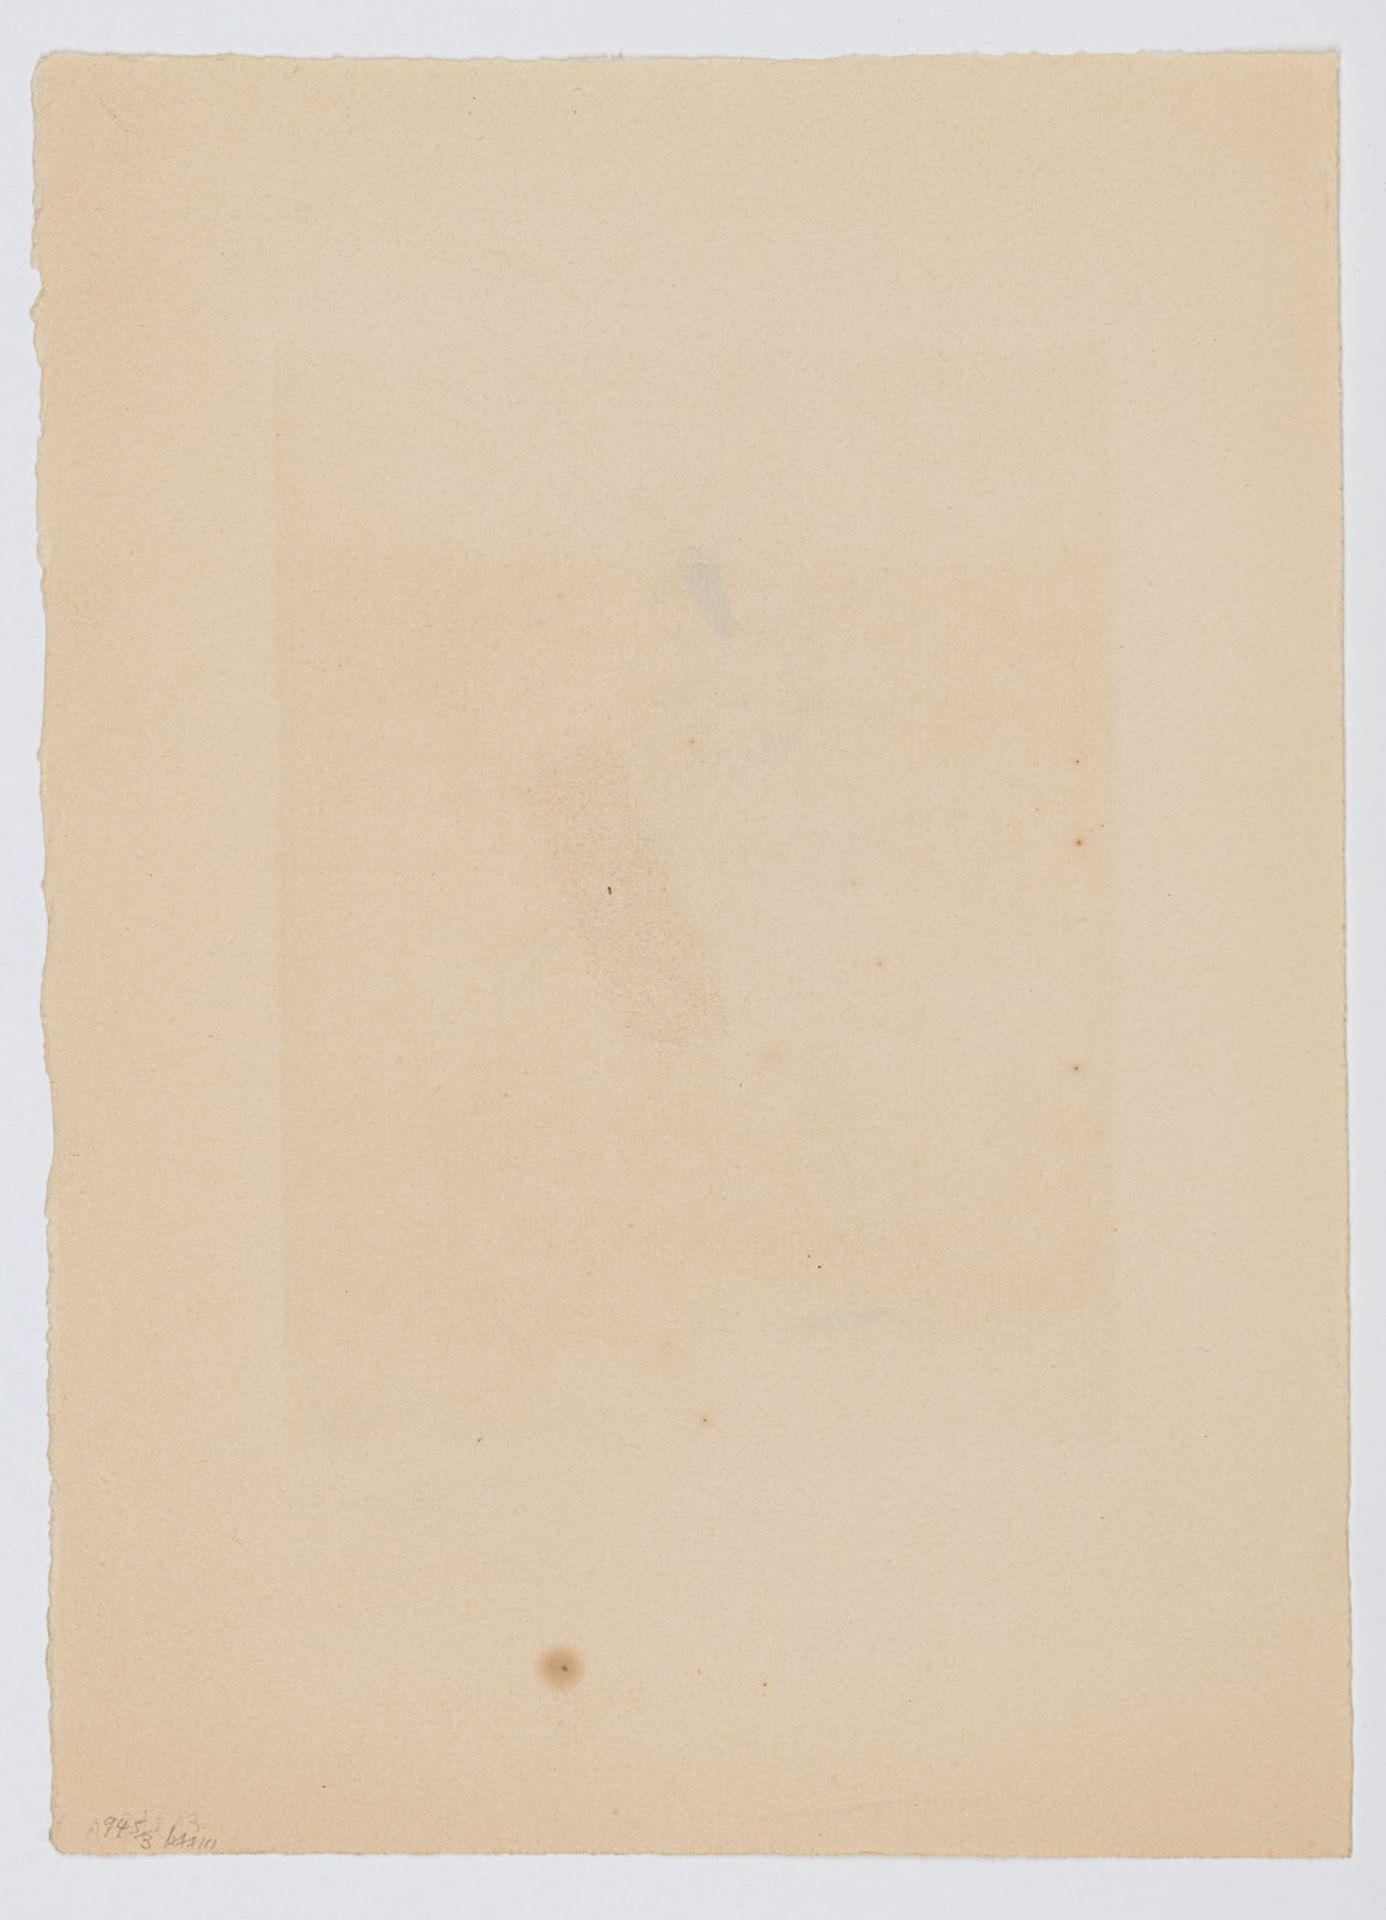 Oppler, Ernst - Image 4 of 9